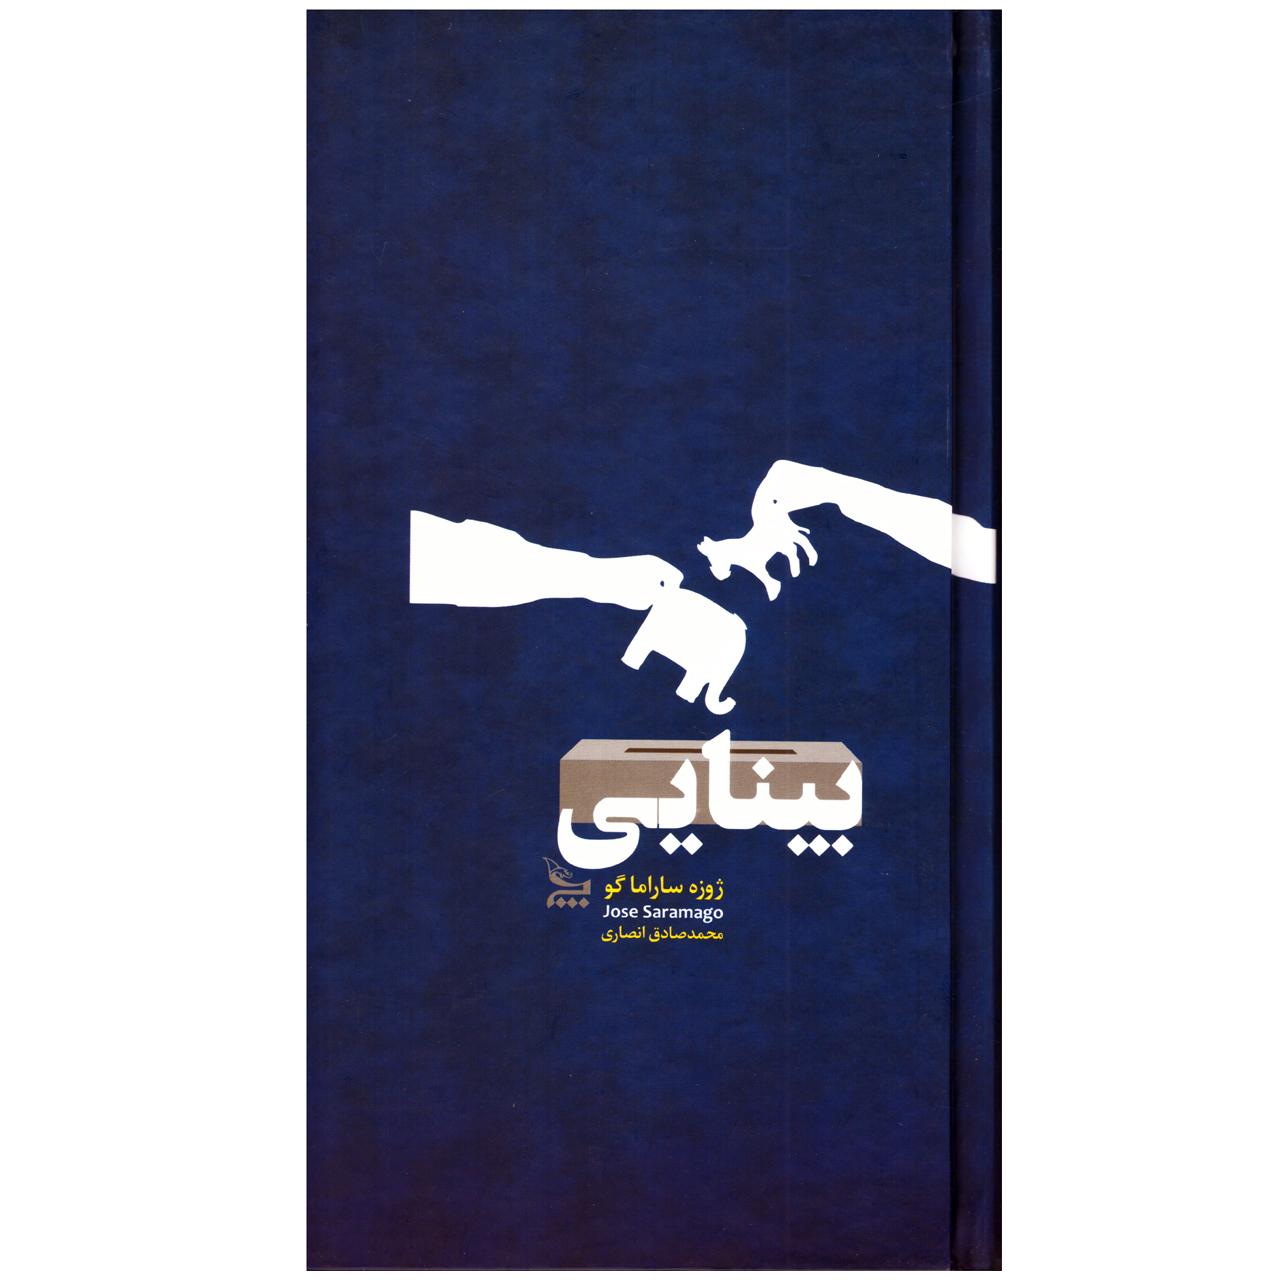 خرید                      کتاب رمان بینایی اثر ژوزه ساراماگو ( نویسنده کتاب کوری ) نشر چلچله  به انضمام نشانگر اختصاصی بوکاف